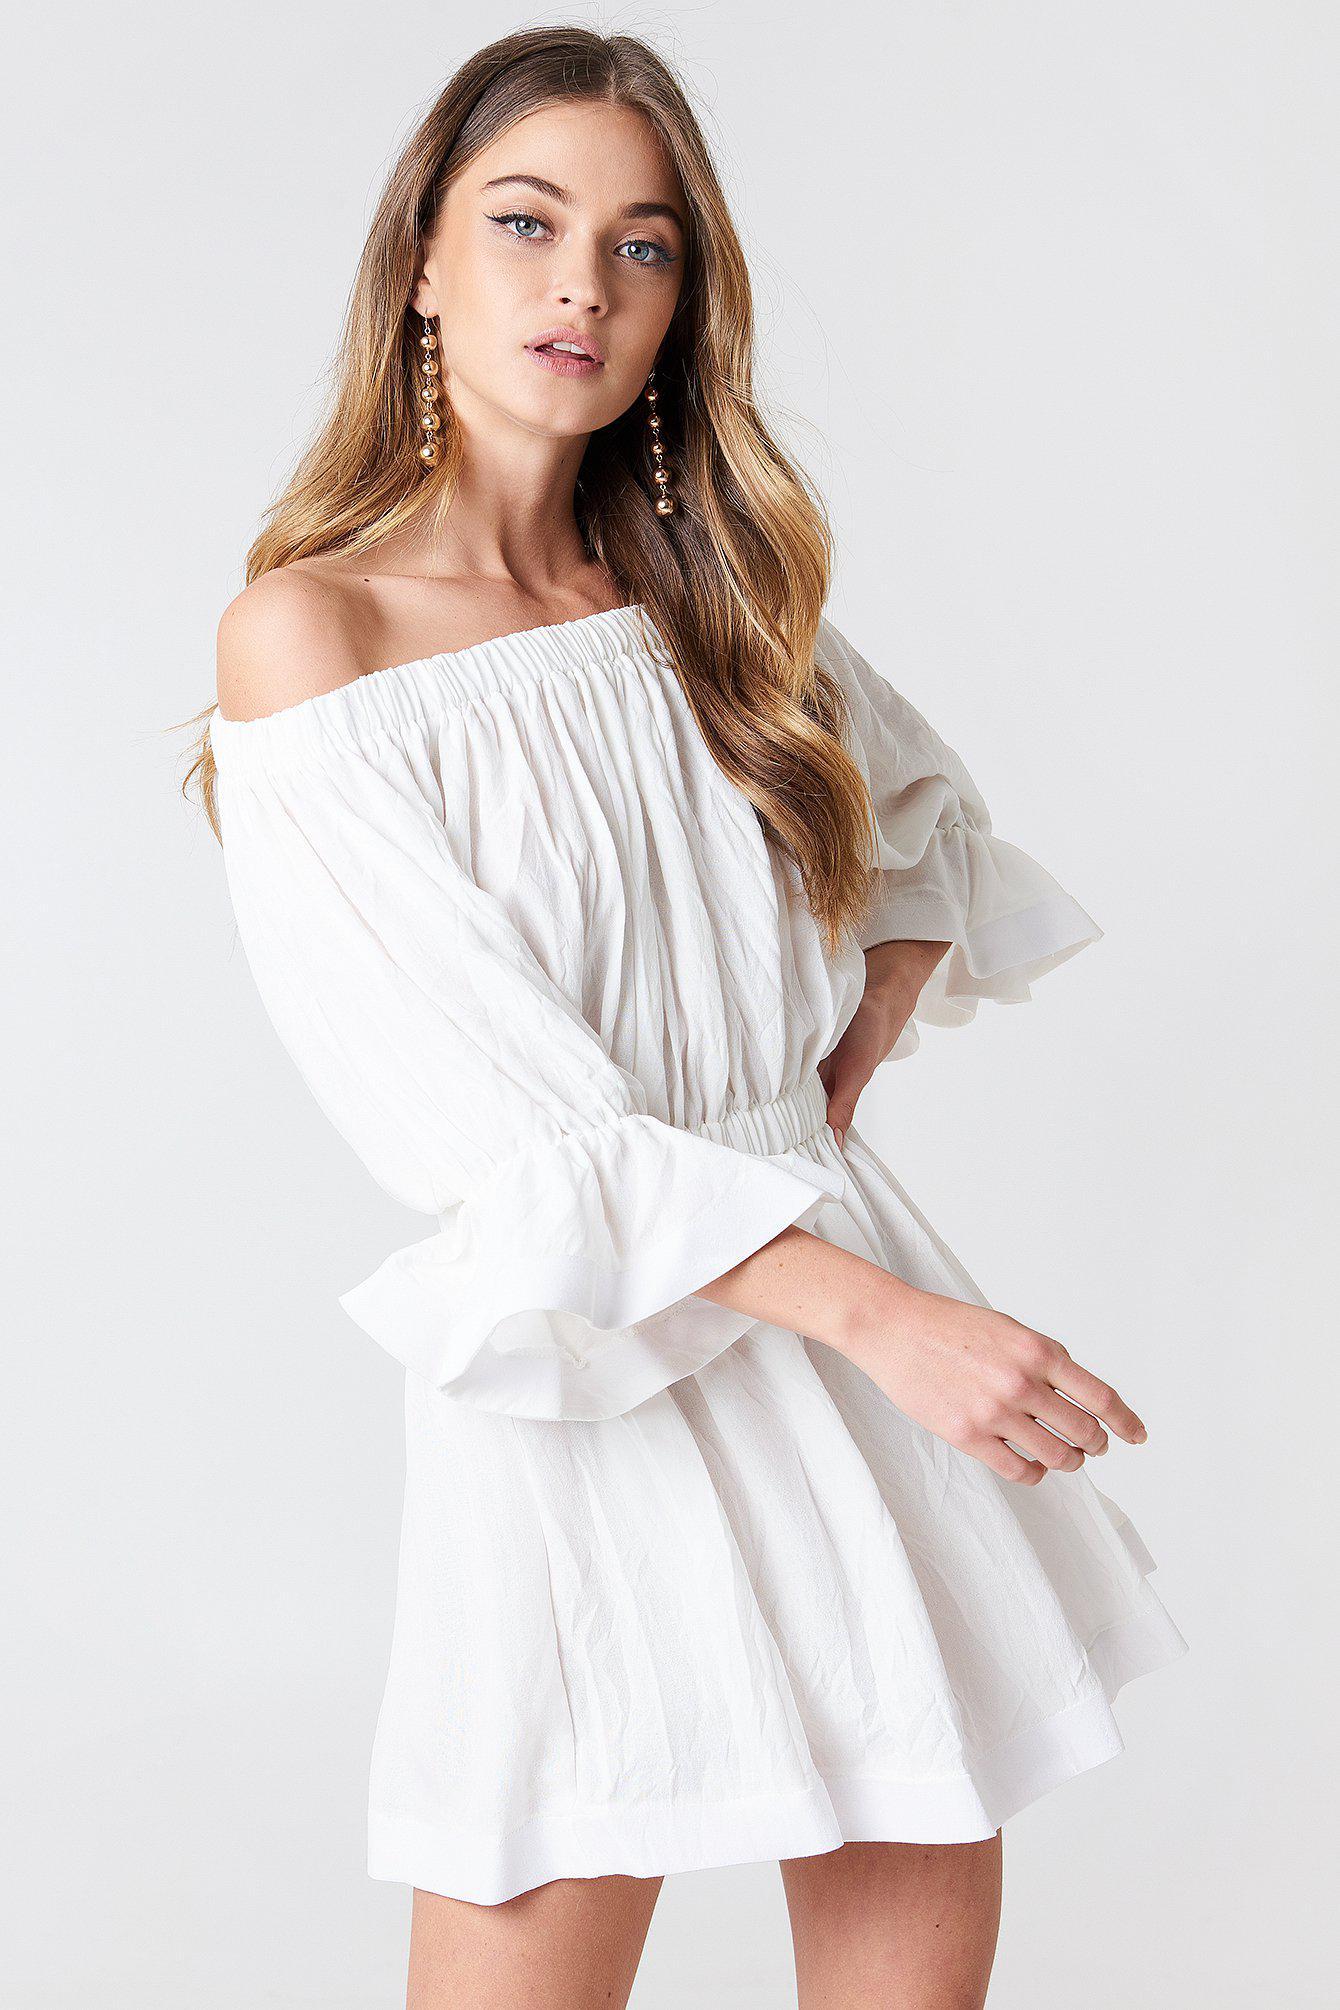 d620818b0cb29 Toby Heart Ginger All Of The Stars Mini Dress White in White - Lyst